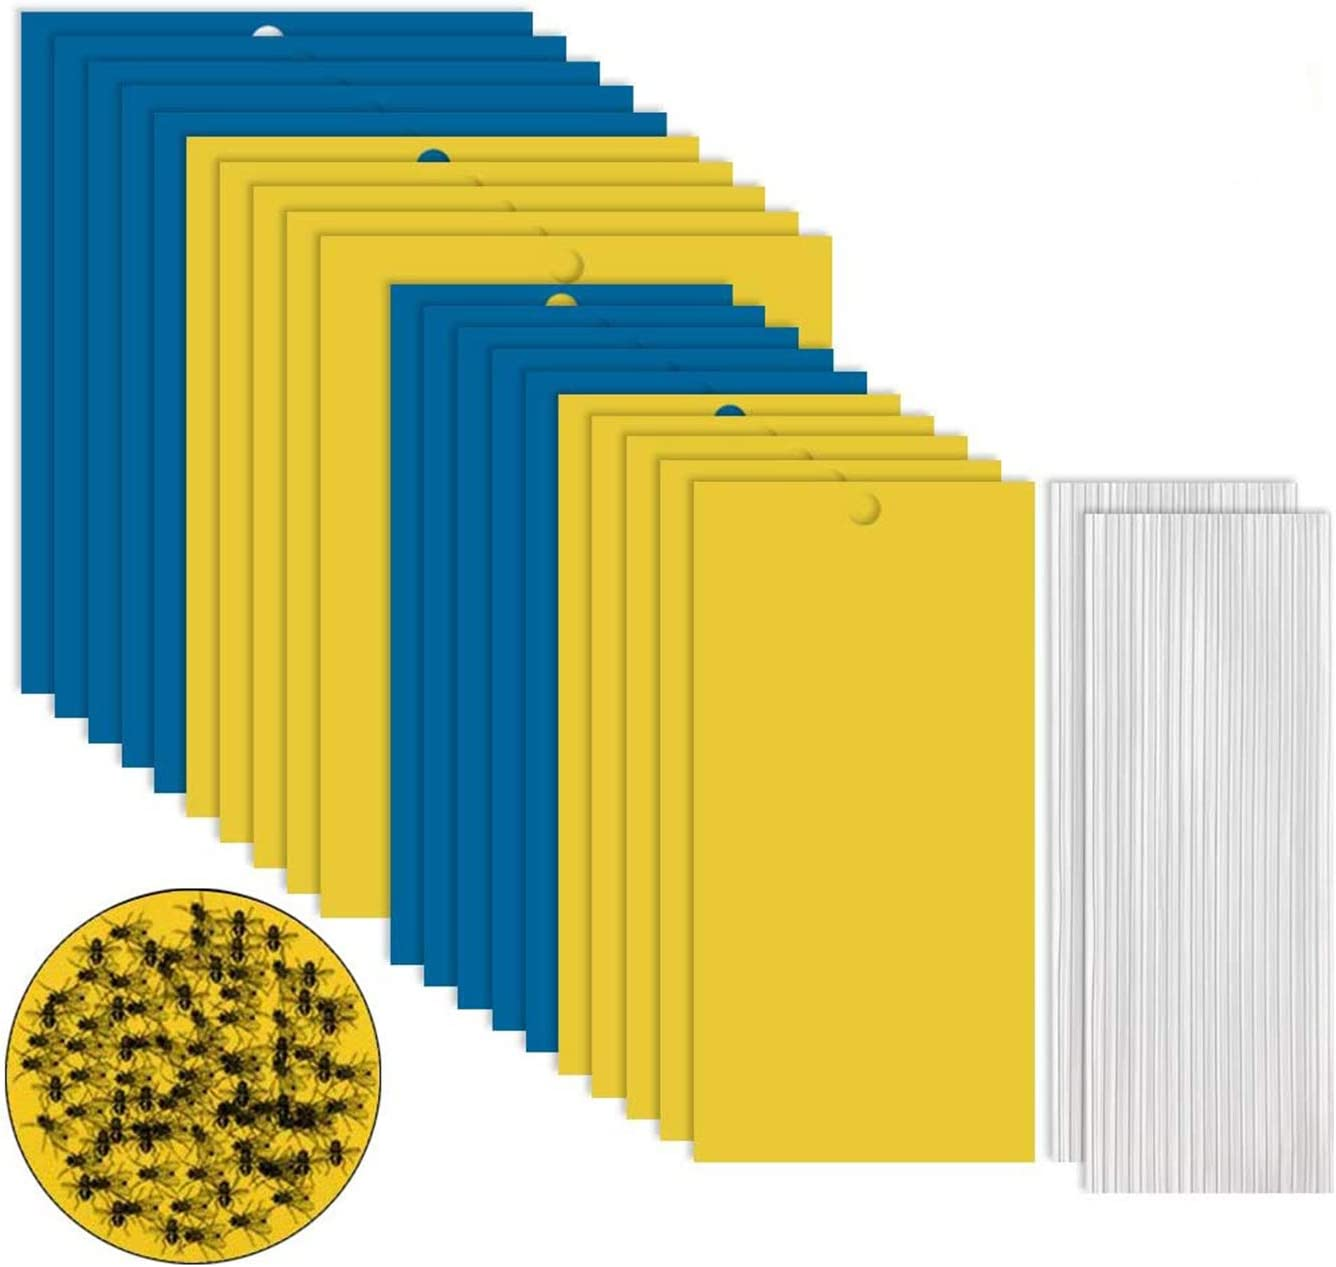 GiantGo 40 Piezas Trampas de Insectos de Doble Cara - Trampas Adhesivas de Doble Cara - Atrapa Insectos para Moscas, Insectos, Piojos, Atrapa, Polillas, Áfidos, 40 Piezas 2 Tamaños 2 Colores